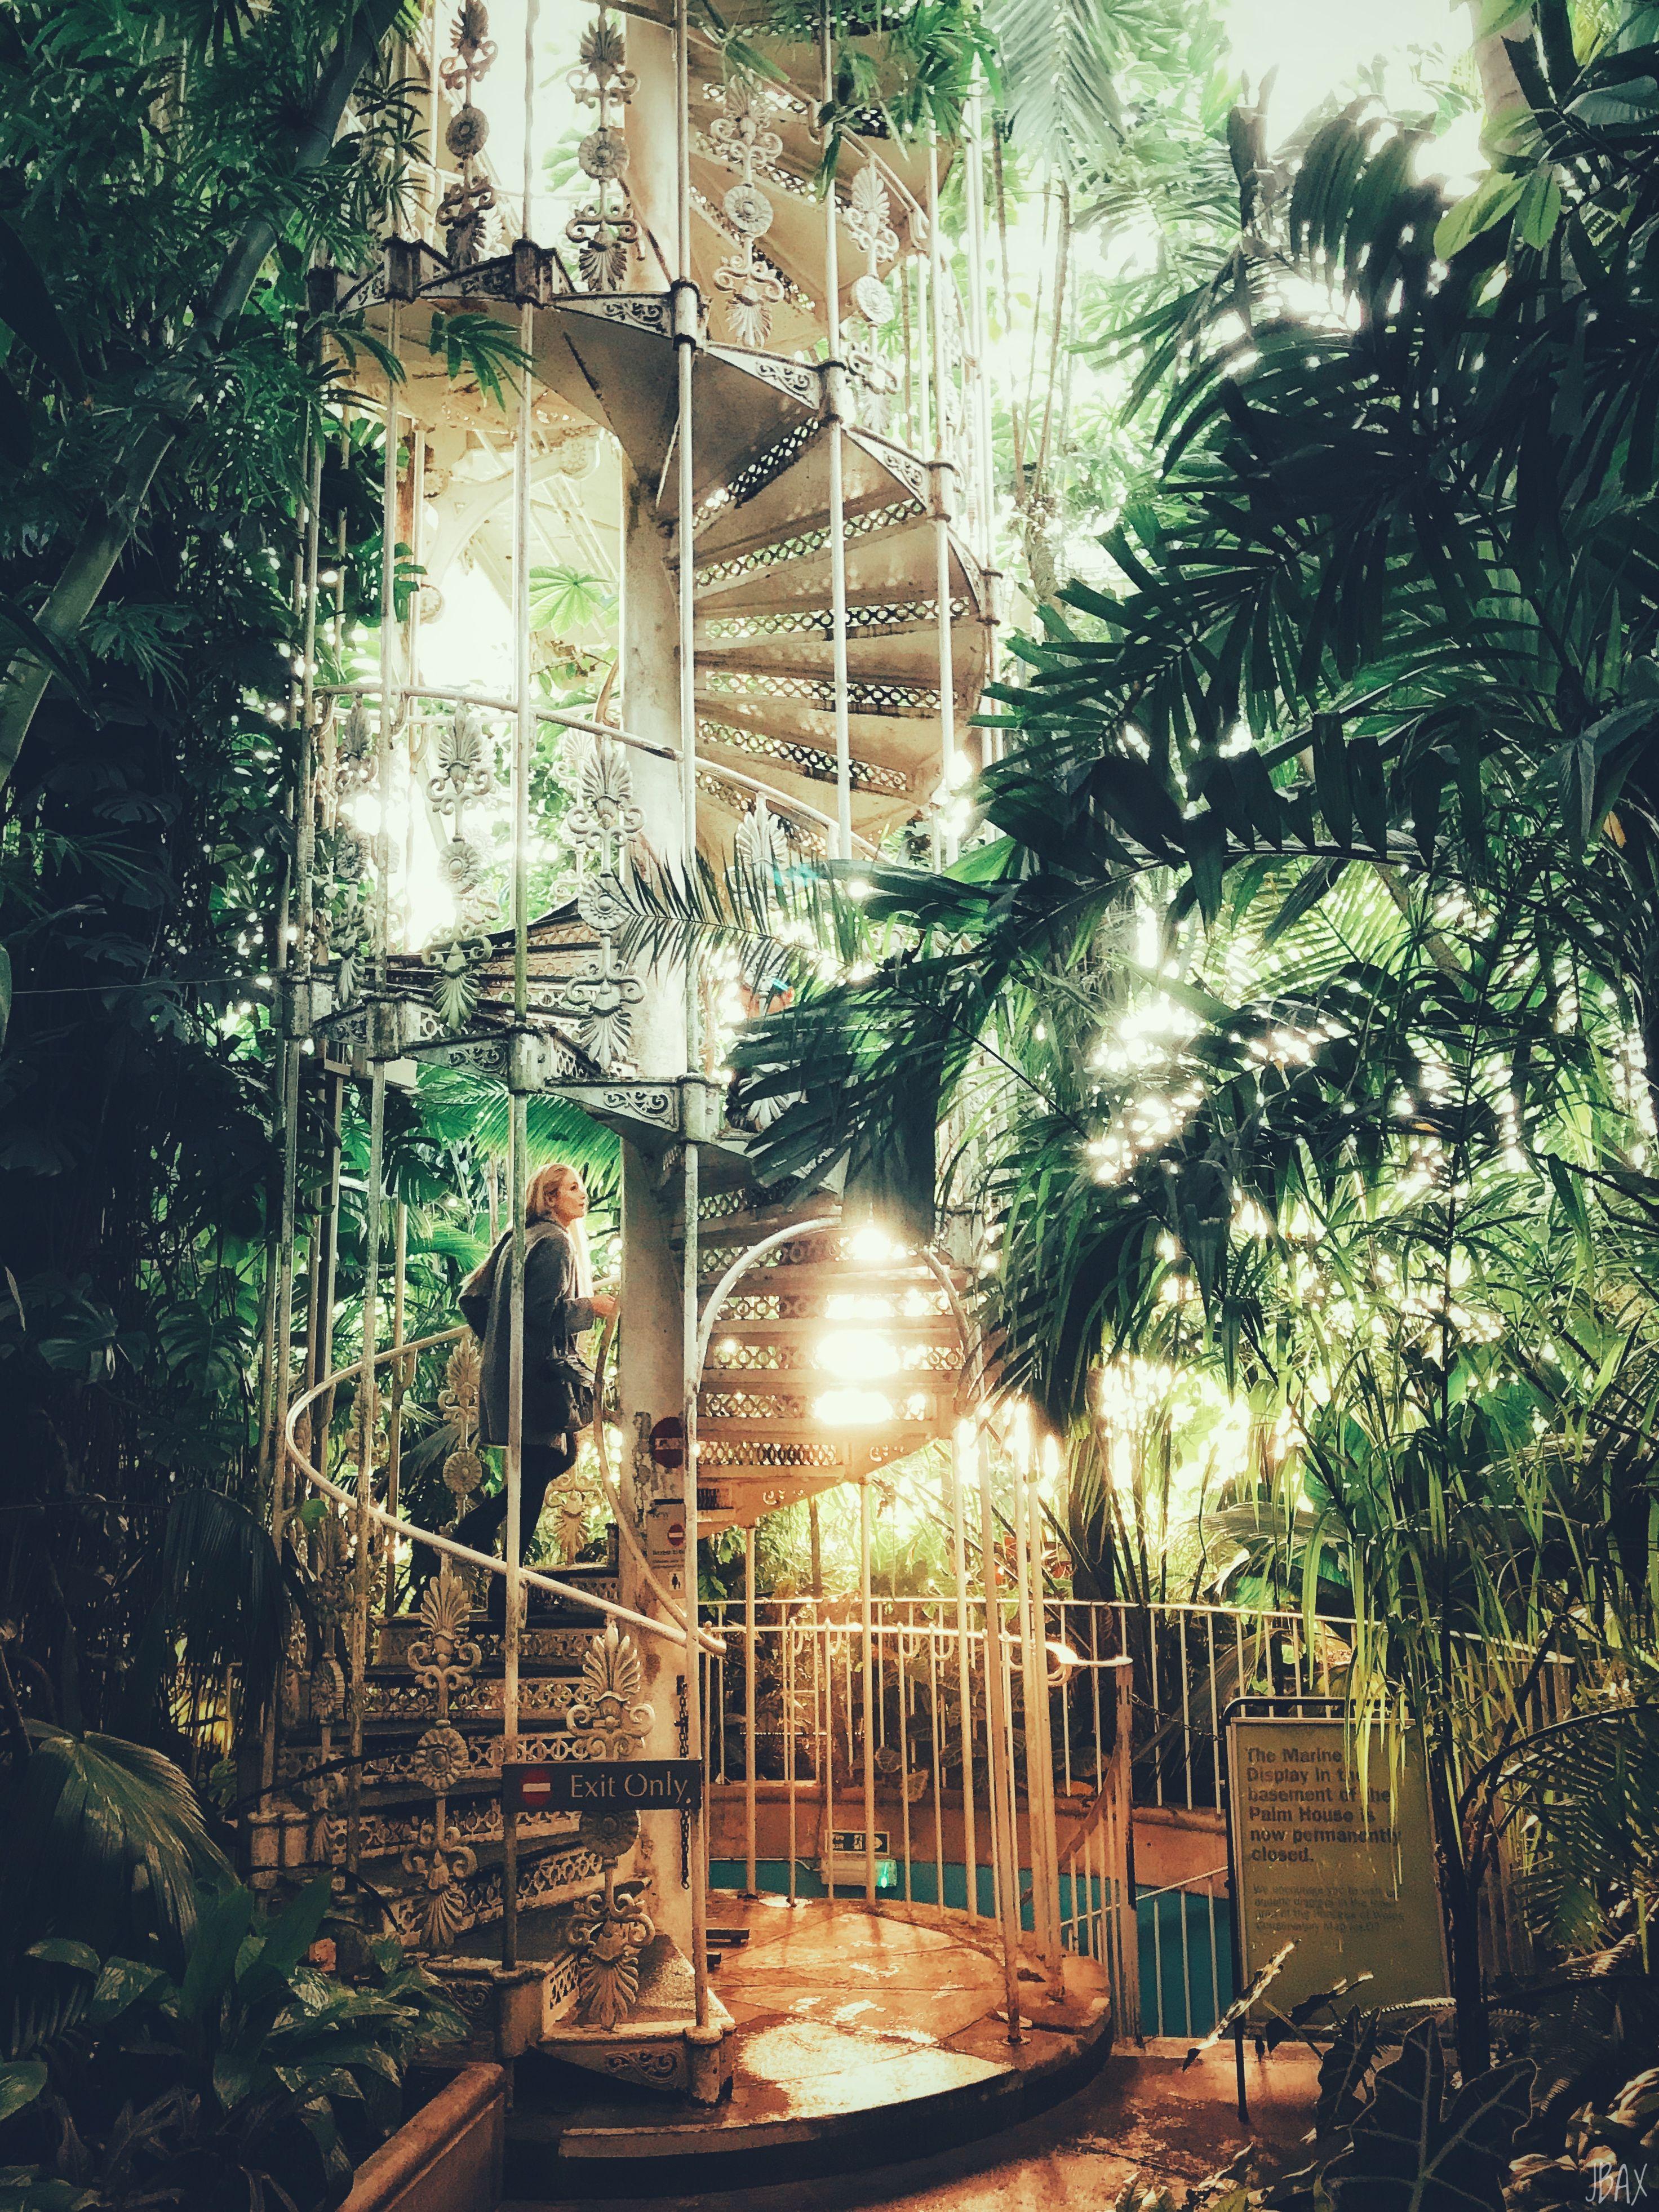 853fa187147af6cd2c2b905ec12171c9 - Palm House Kew Gardens London England